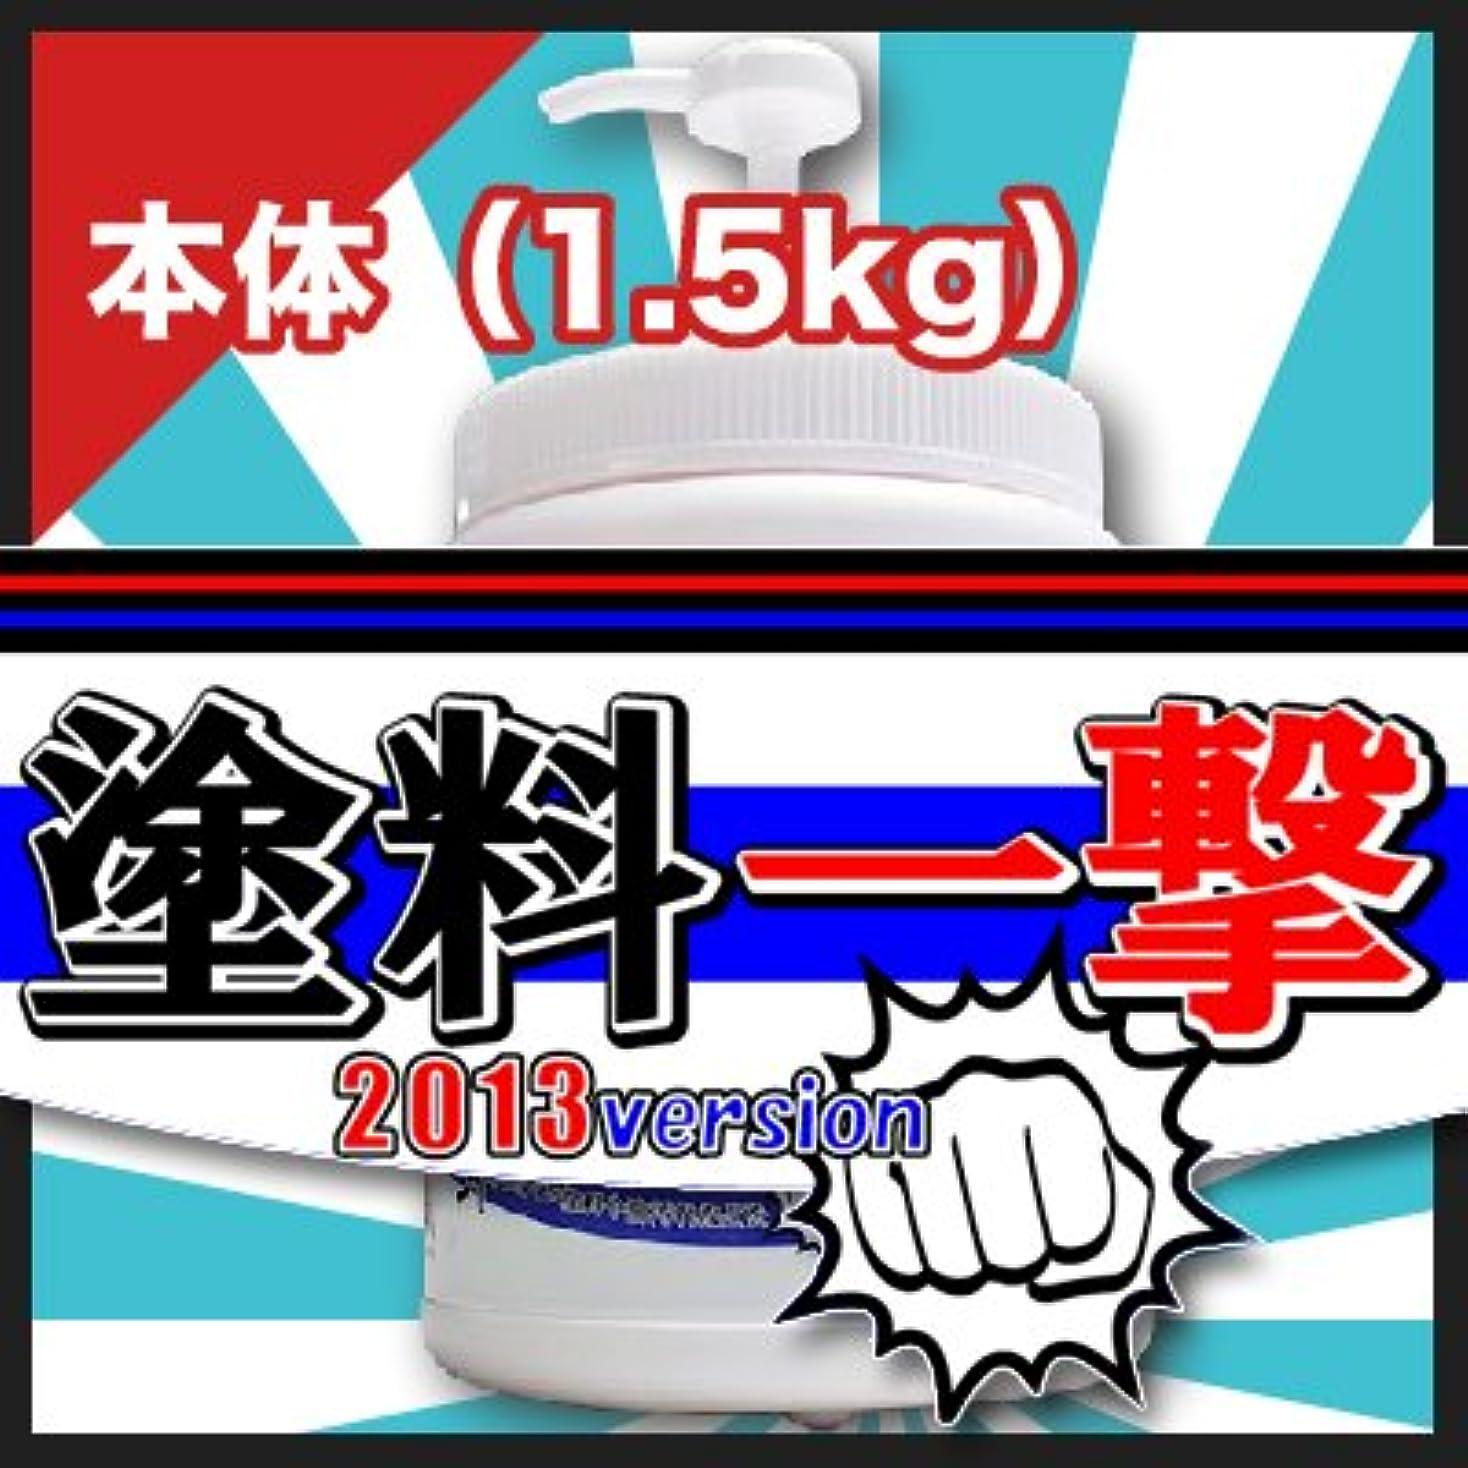 カフェテリアキャプチャー厚いD.Iプランニング 塗料一撃 2013 Version 本体 (1.5kg)